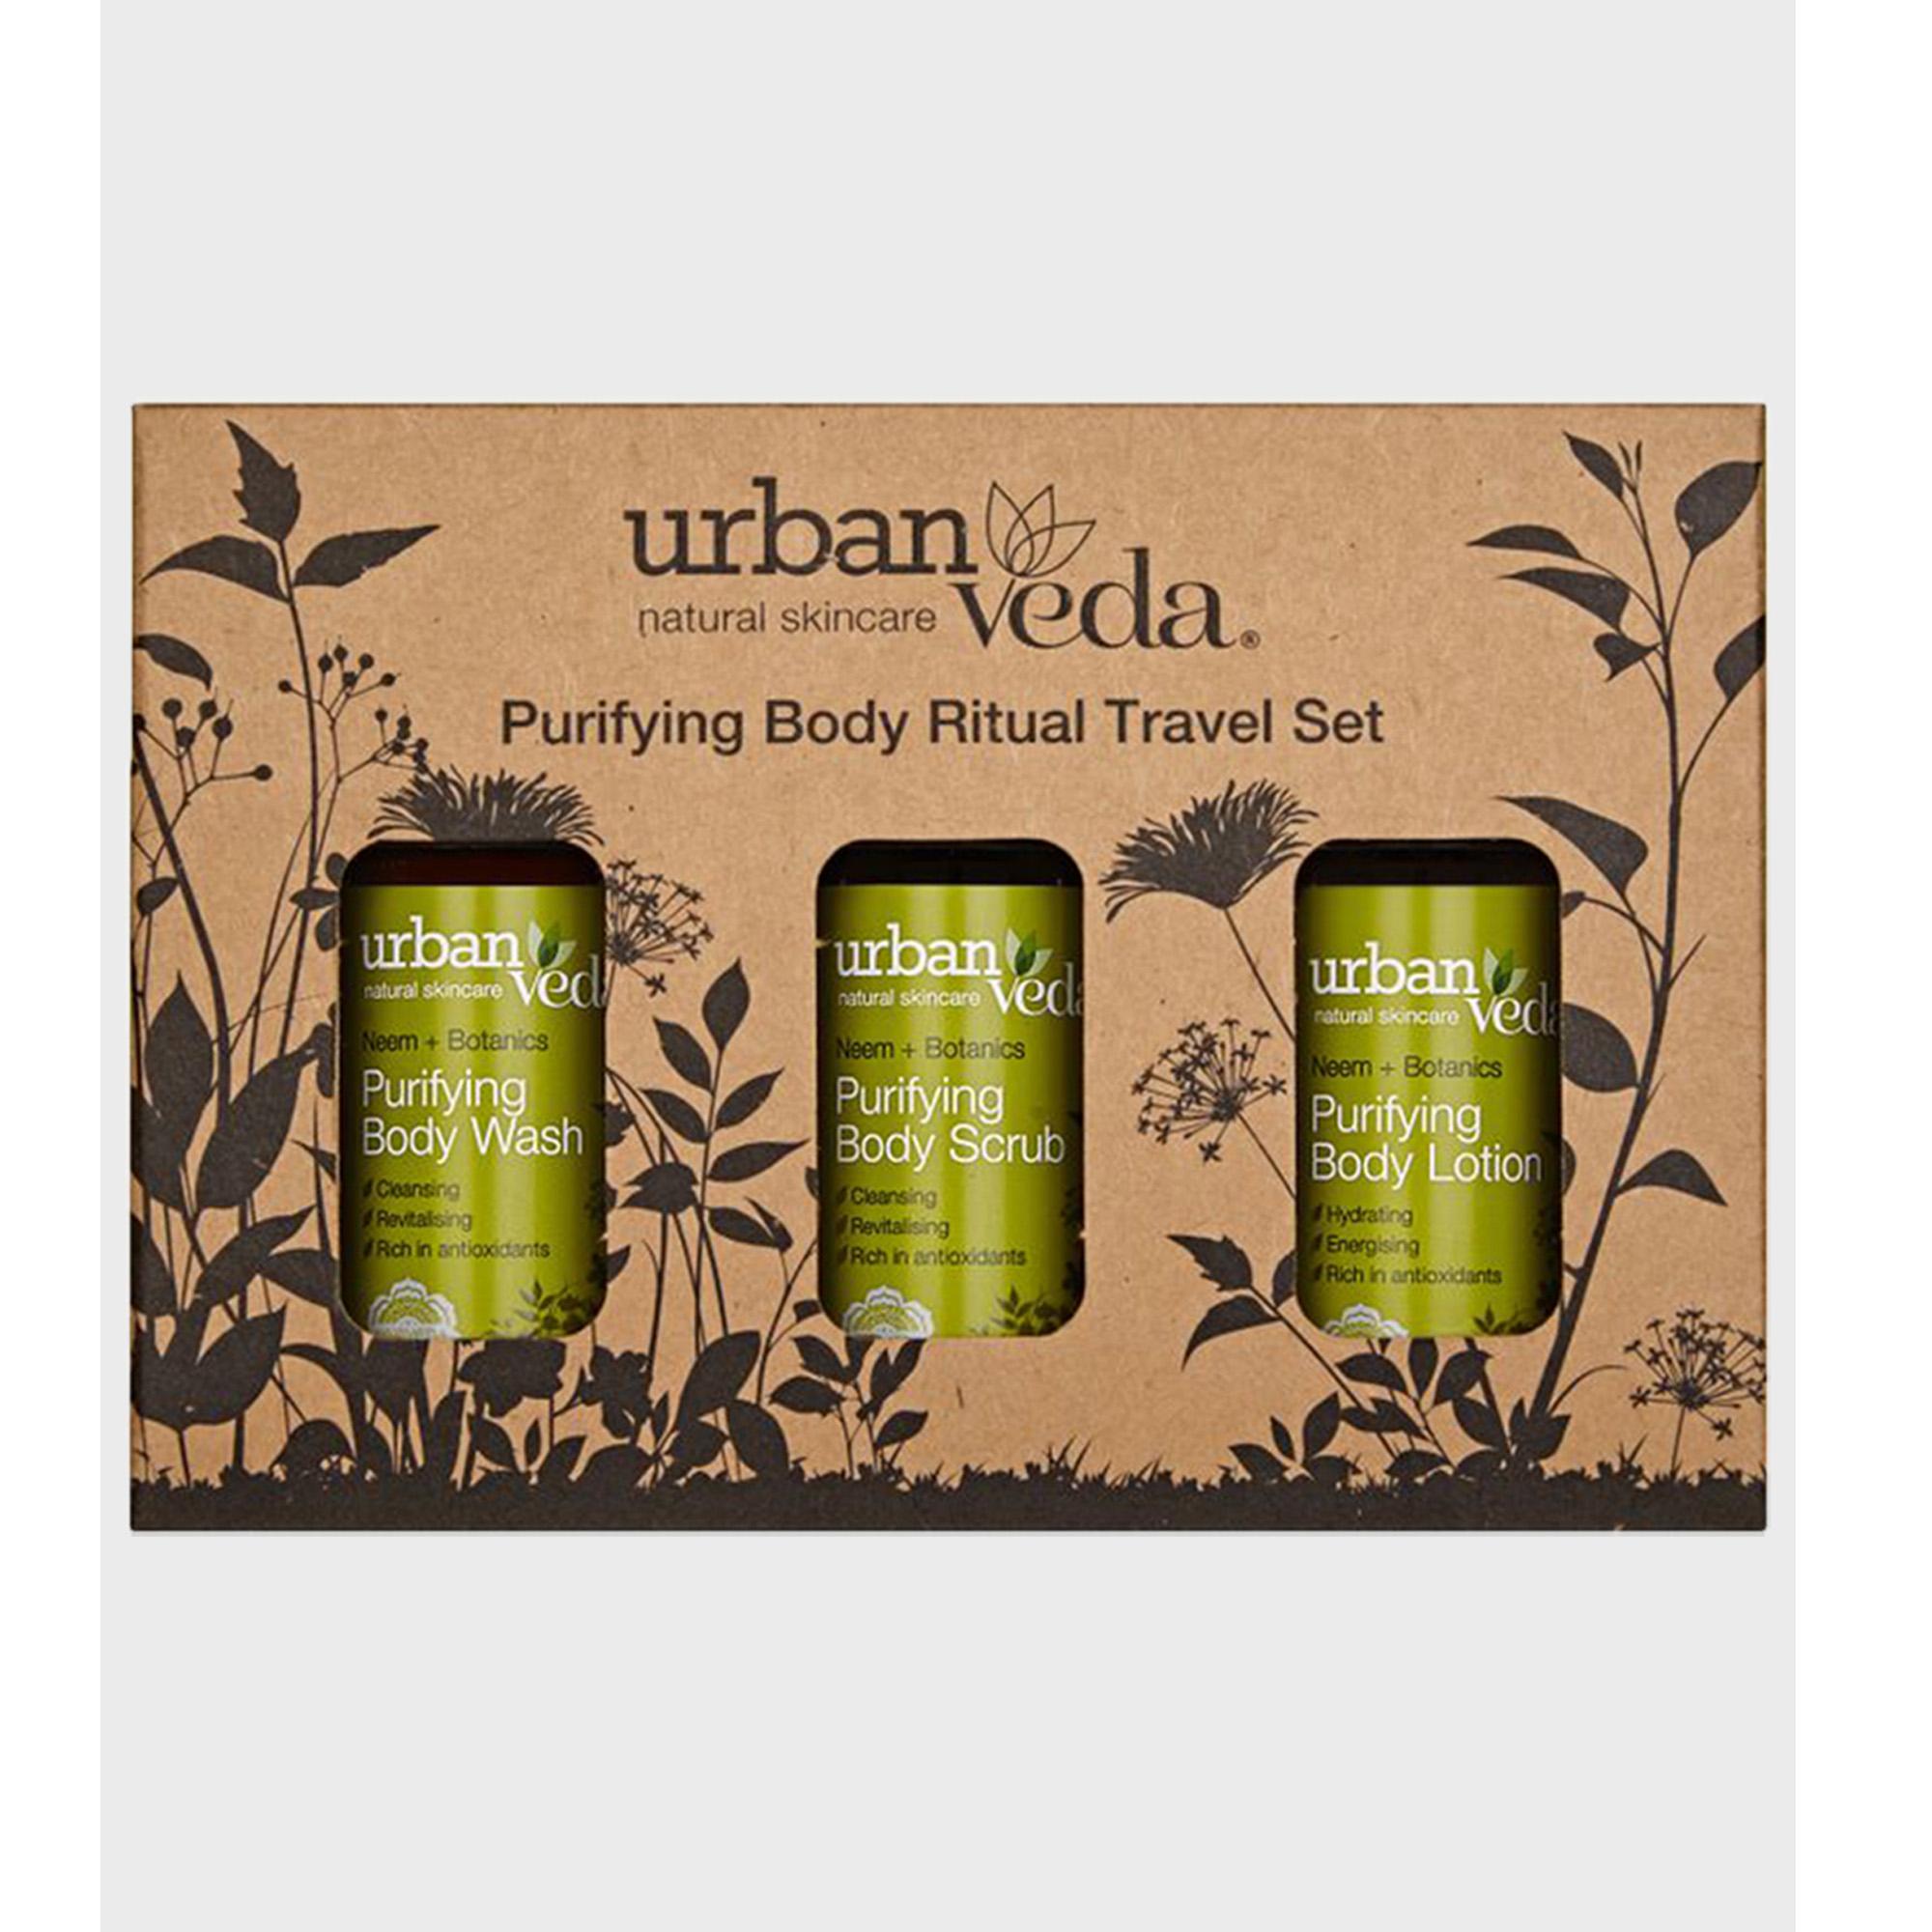 Urban Veda | Urban Veda Purifying Body Ritual Travel Set